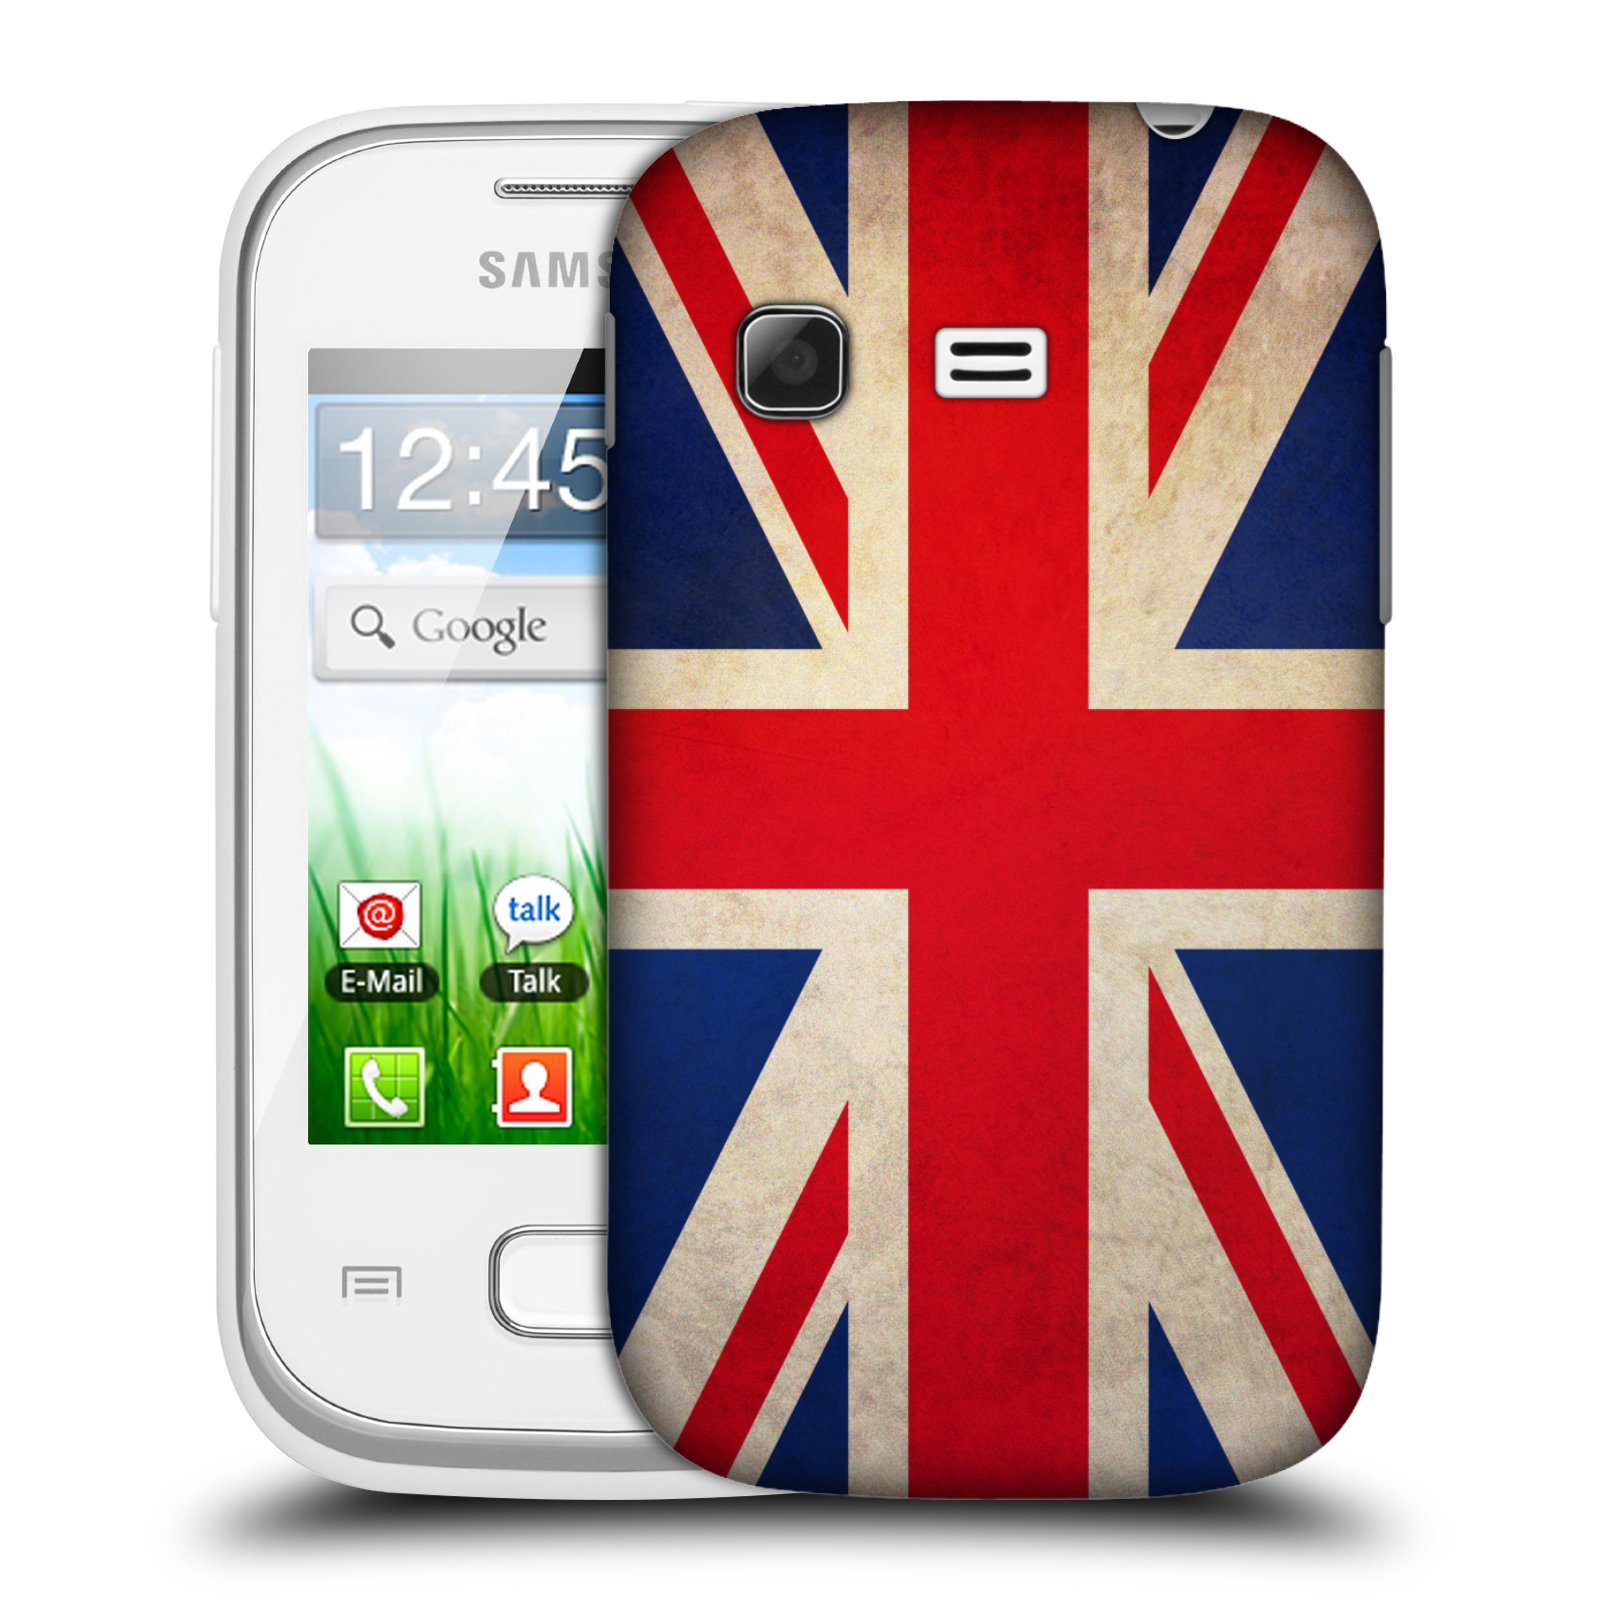 Plastové pouzdro na mobil Samsung Galaxy Pocket HEAD CASE VLAJKA VELKÁ BRITÁNIE (Kryt či obal na mobilní telefon Samsung Galaxy Pocket GT-S5300)